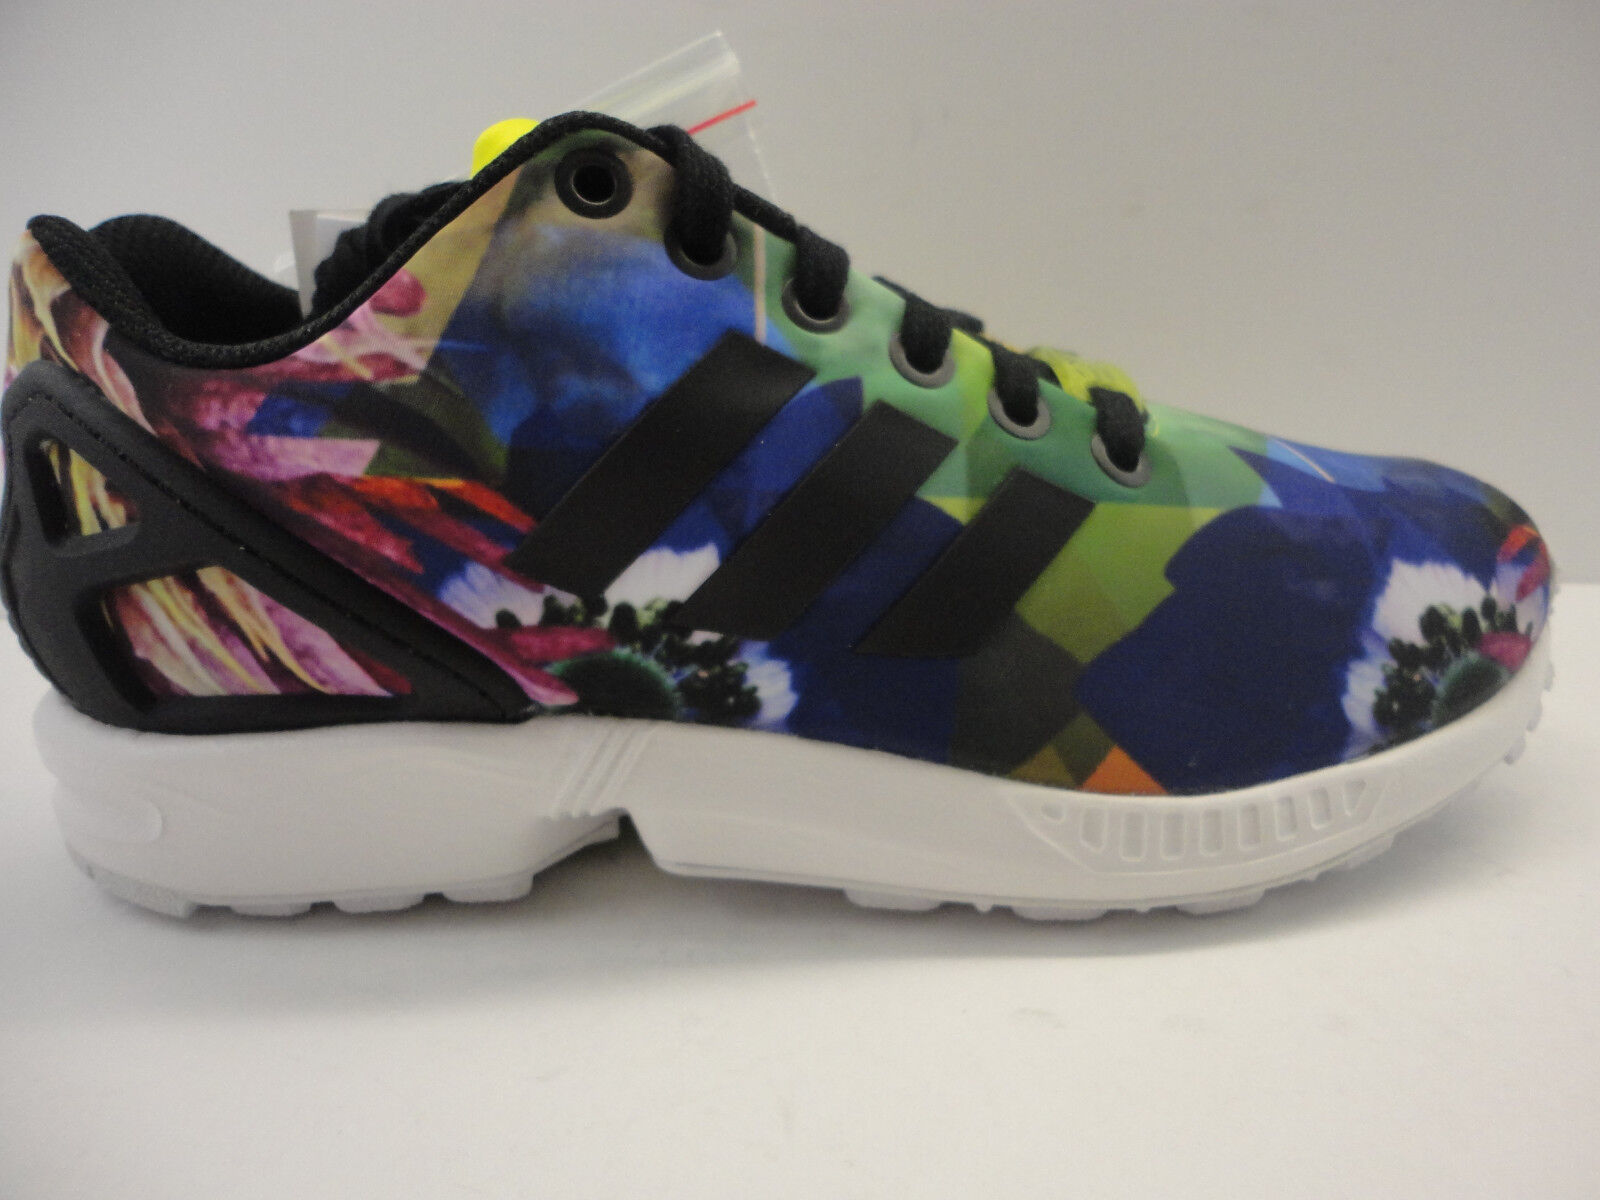 ADIDAS ZX FLUX Sneaker M21064 Sneaker FLUX Damenschuhe a38d99